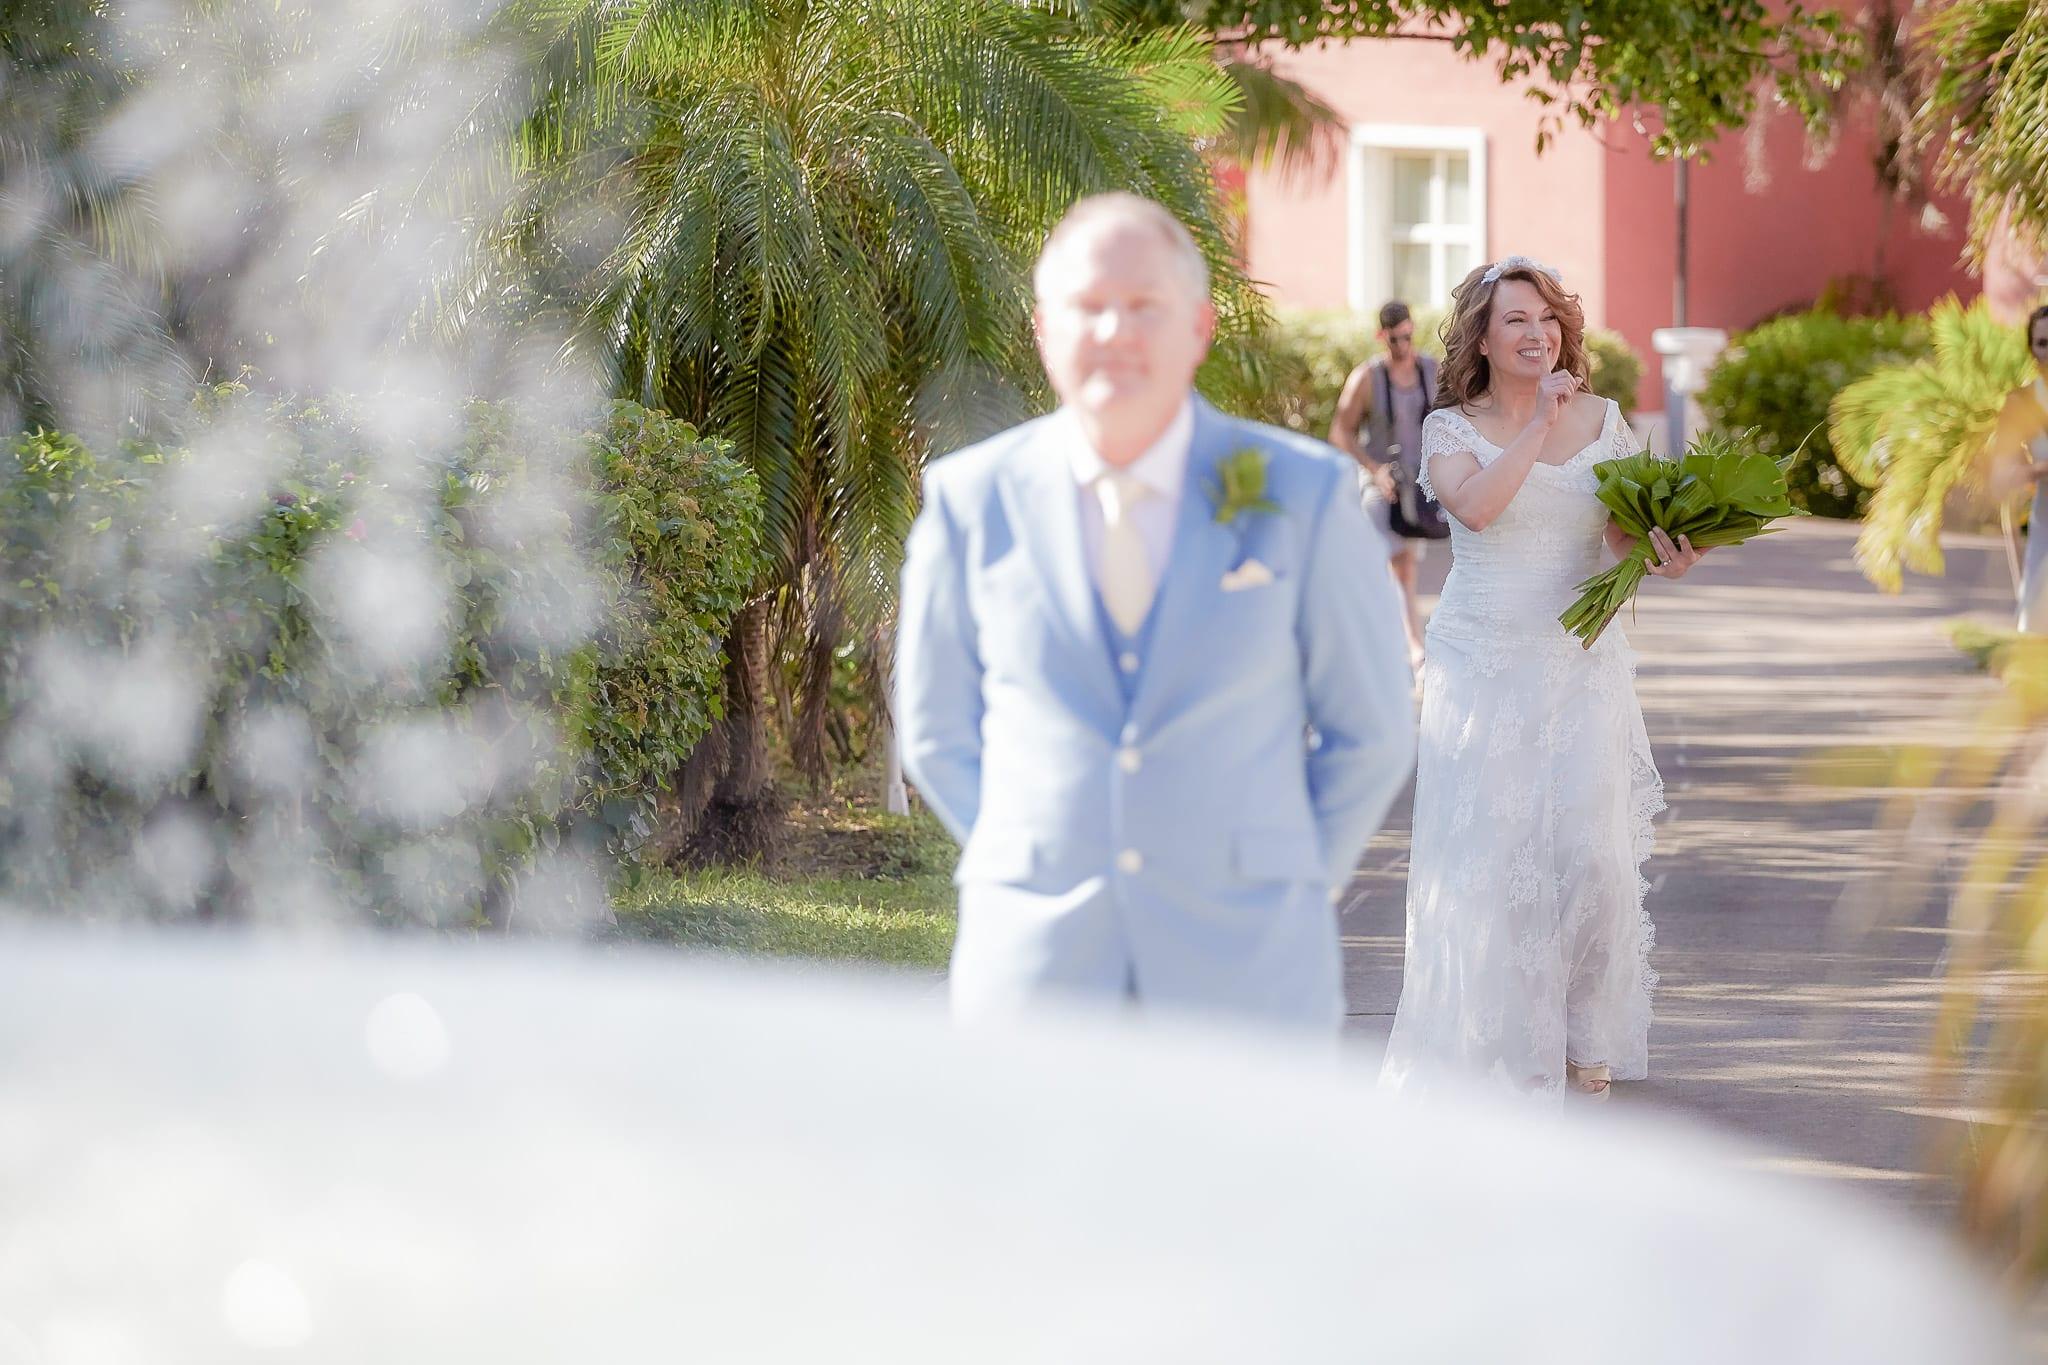 пред сватбена фото сесия, фото сесия първа среща на младоженците, декорация на сватбена агенция Приказен ден, сватбен агент Мариела Уилсън